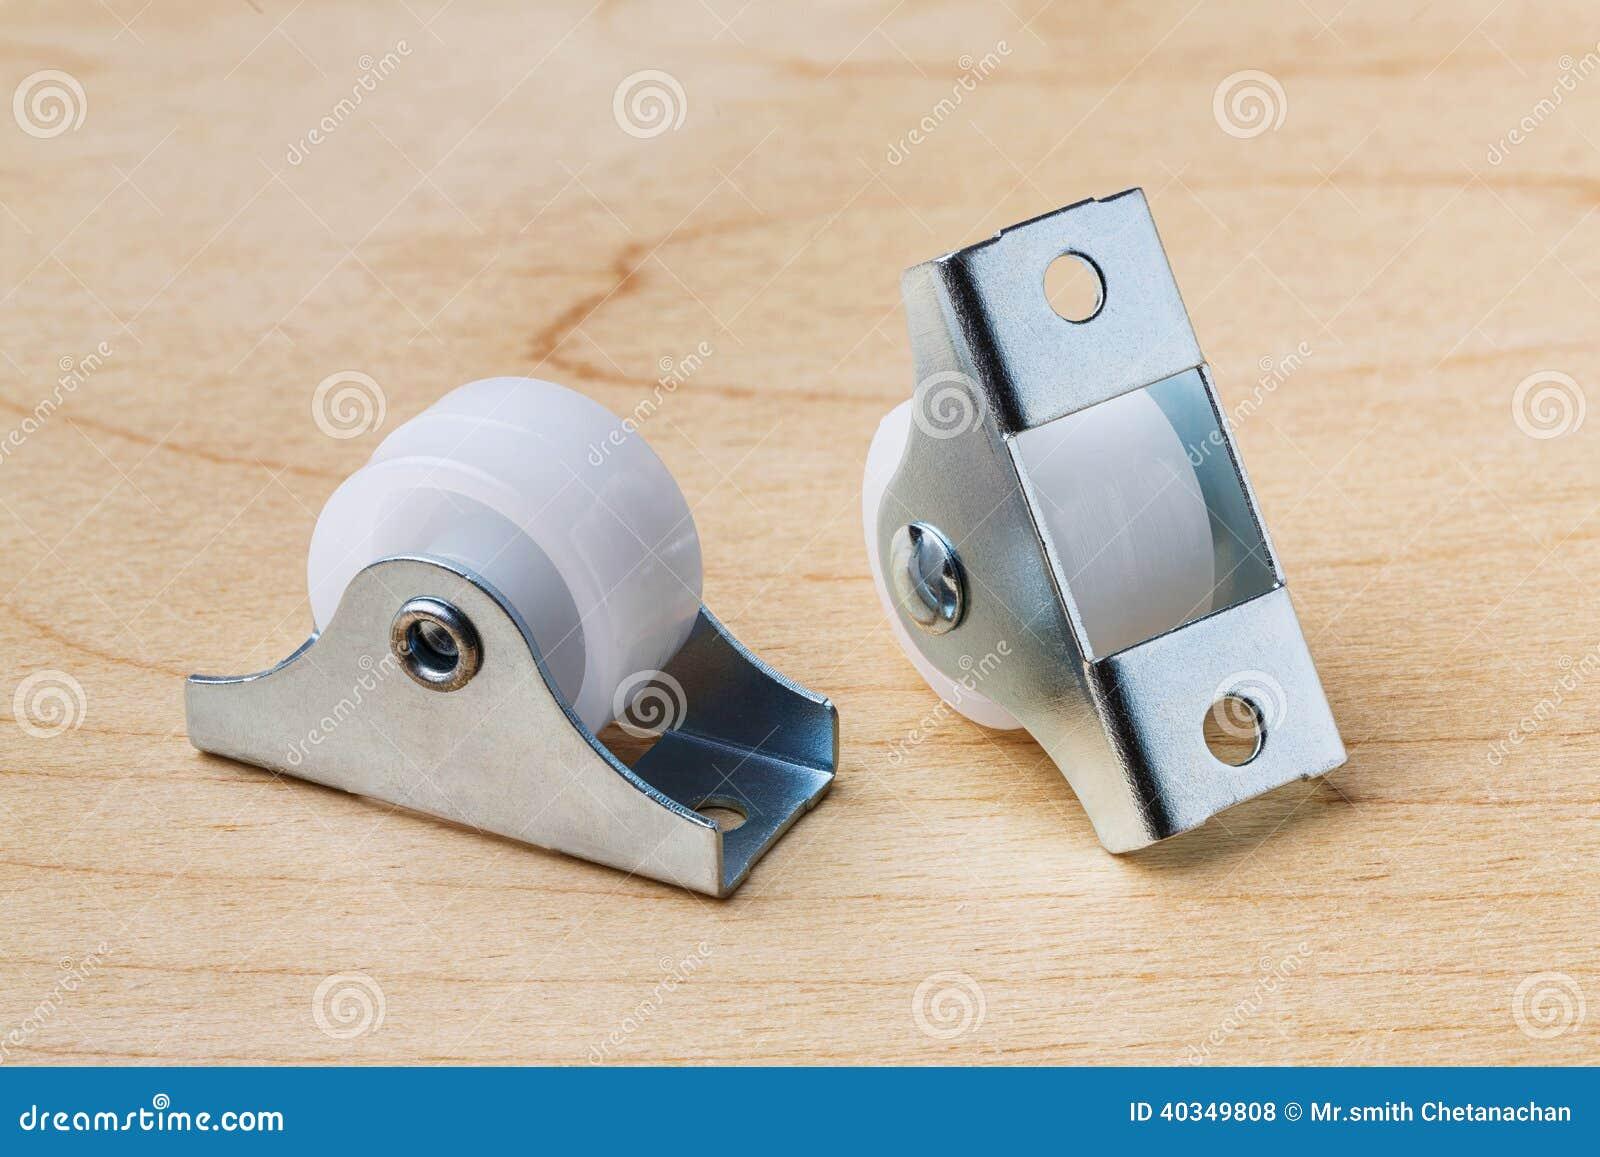 Petite roue de roulette de coffret photo stock image - Petite table a roulette ...